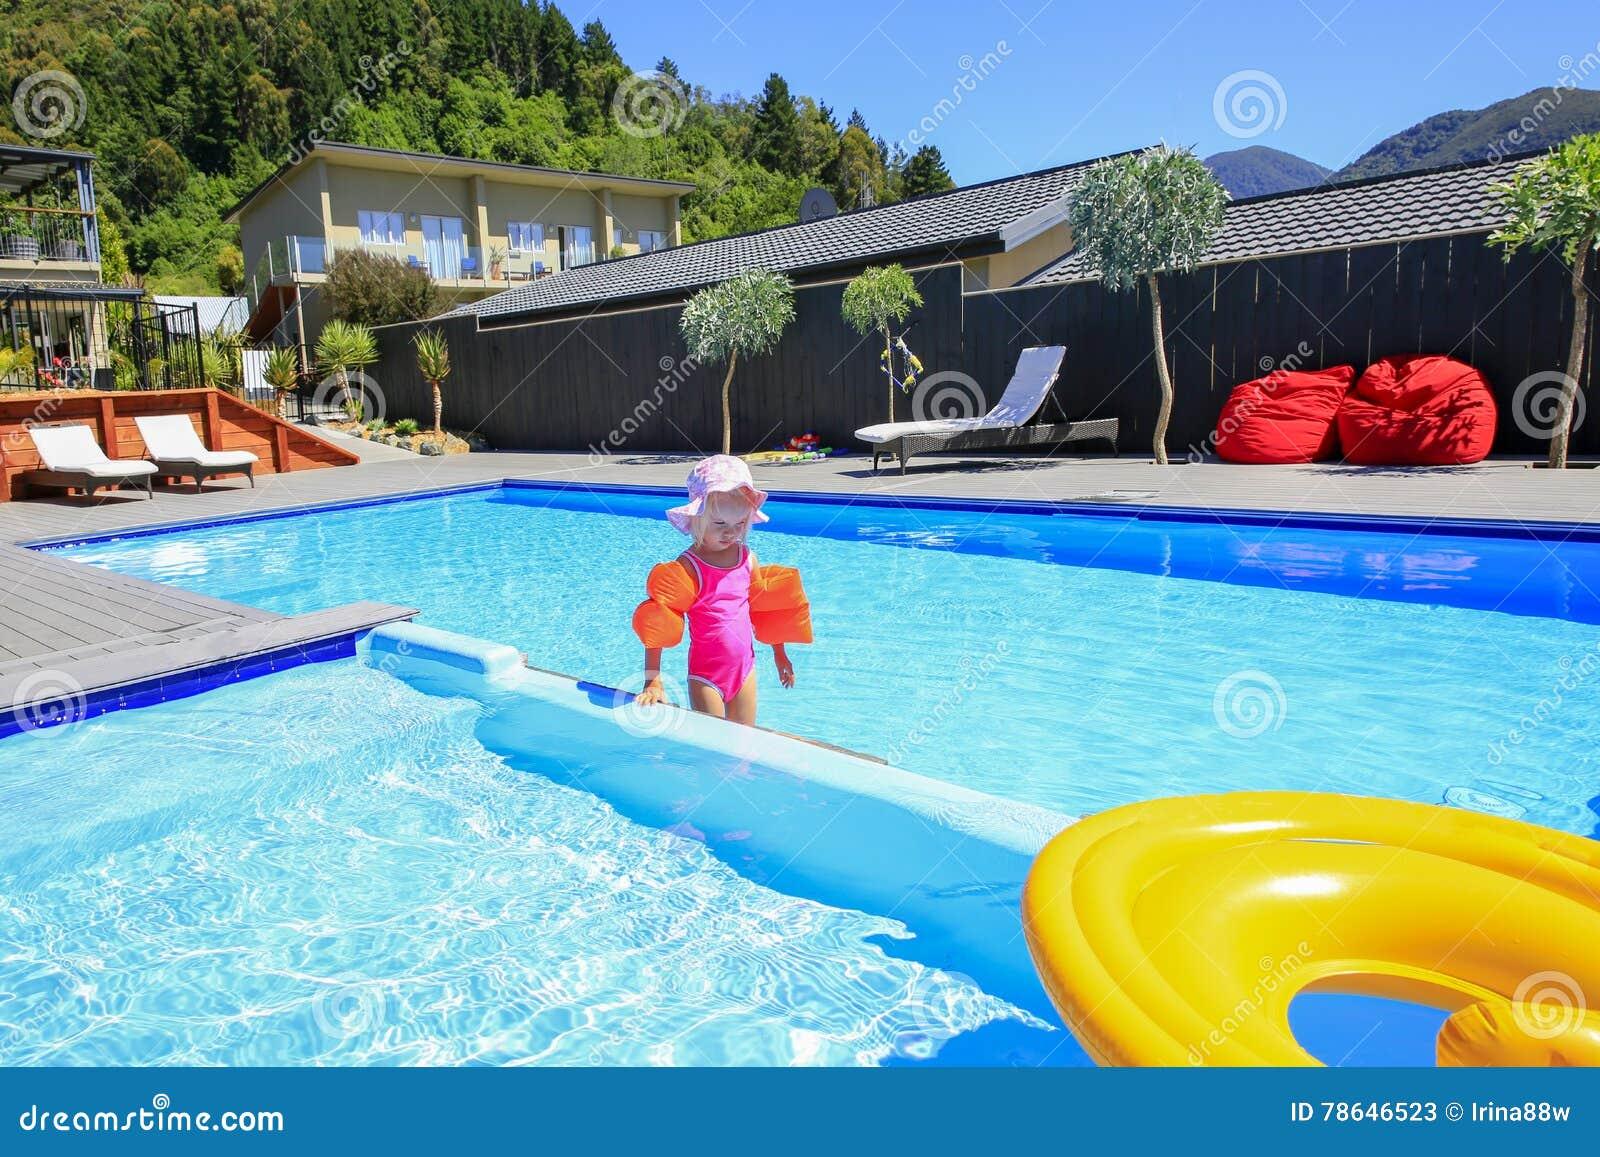 Bambina sveglia in un costume da bagno rosa che cammina in una piscina blu immagine stock - Borsone piscina bambina ...